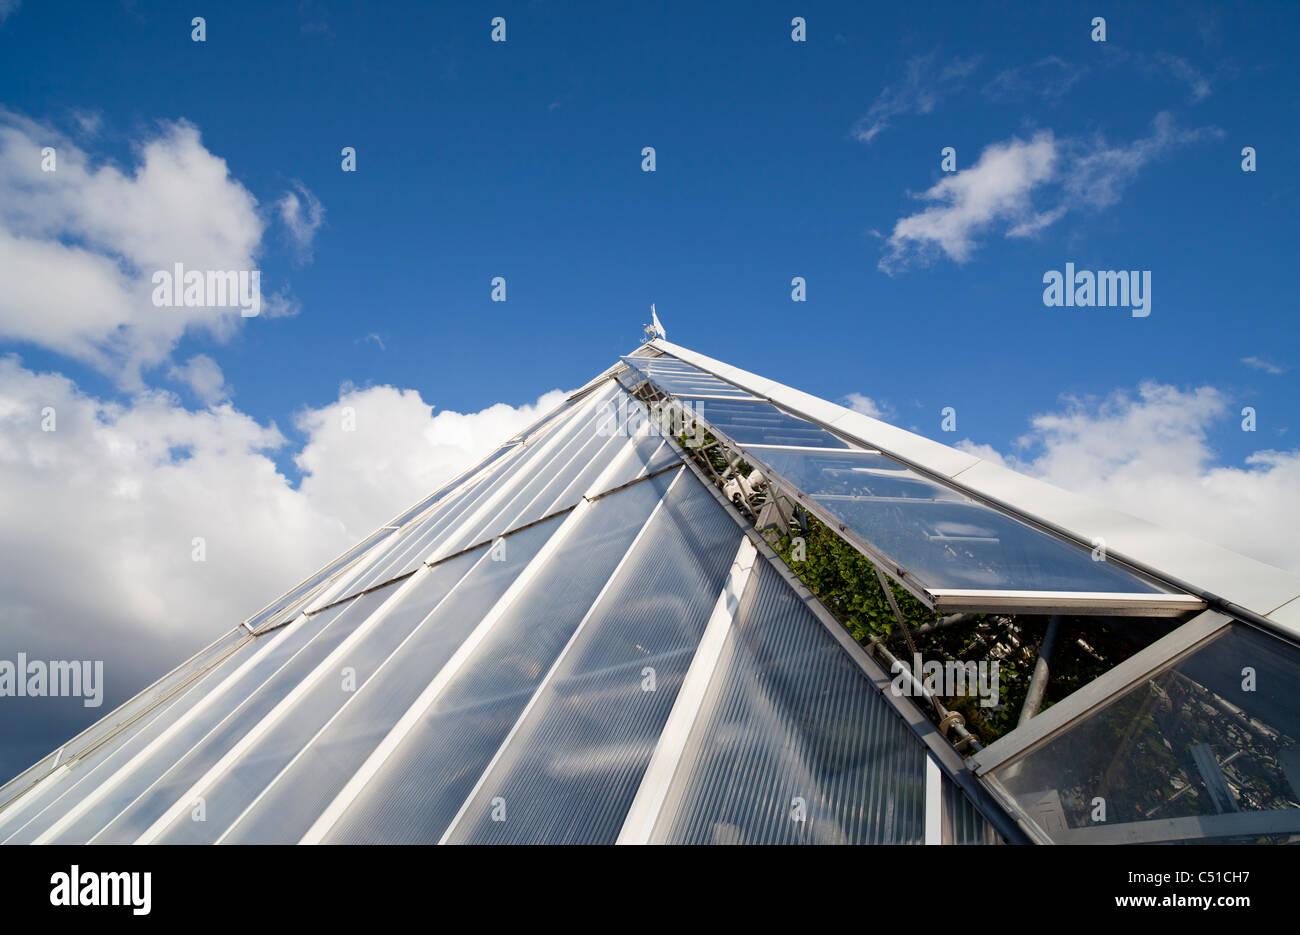 Système de ventilation serre utilise des fenêtres en verre à moteur pour le refroidissement de l'air Photo Stock